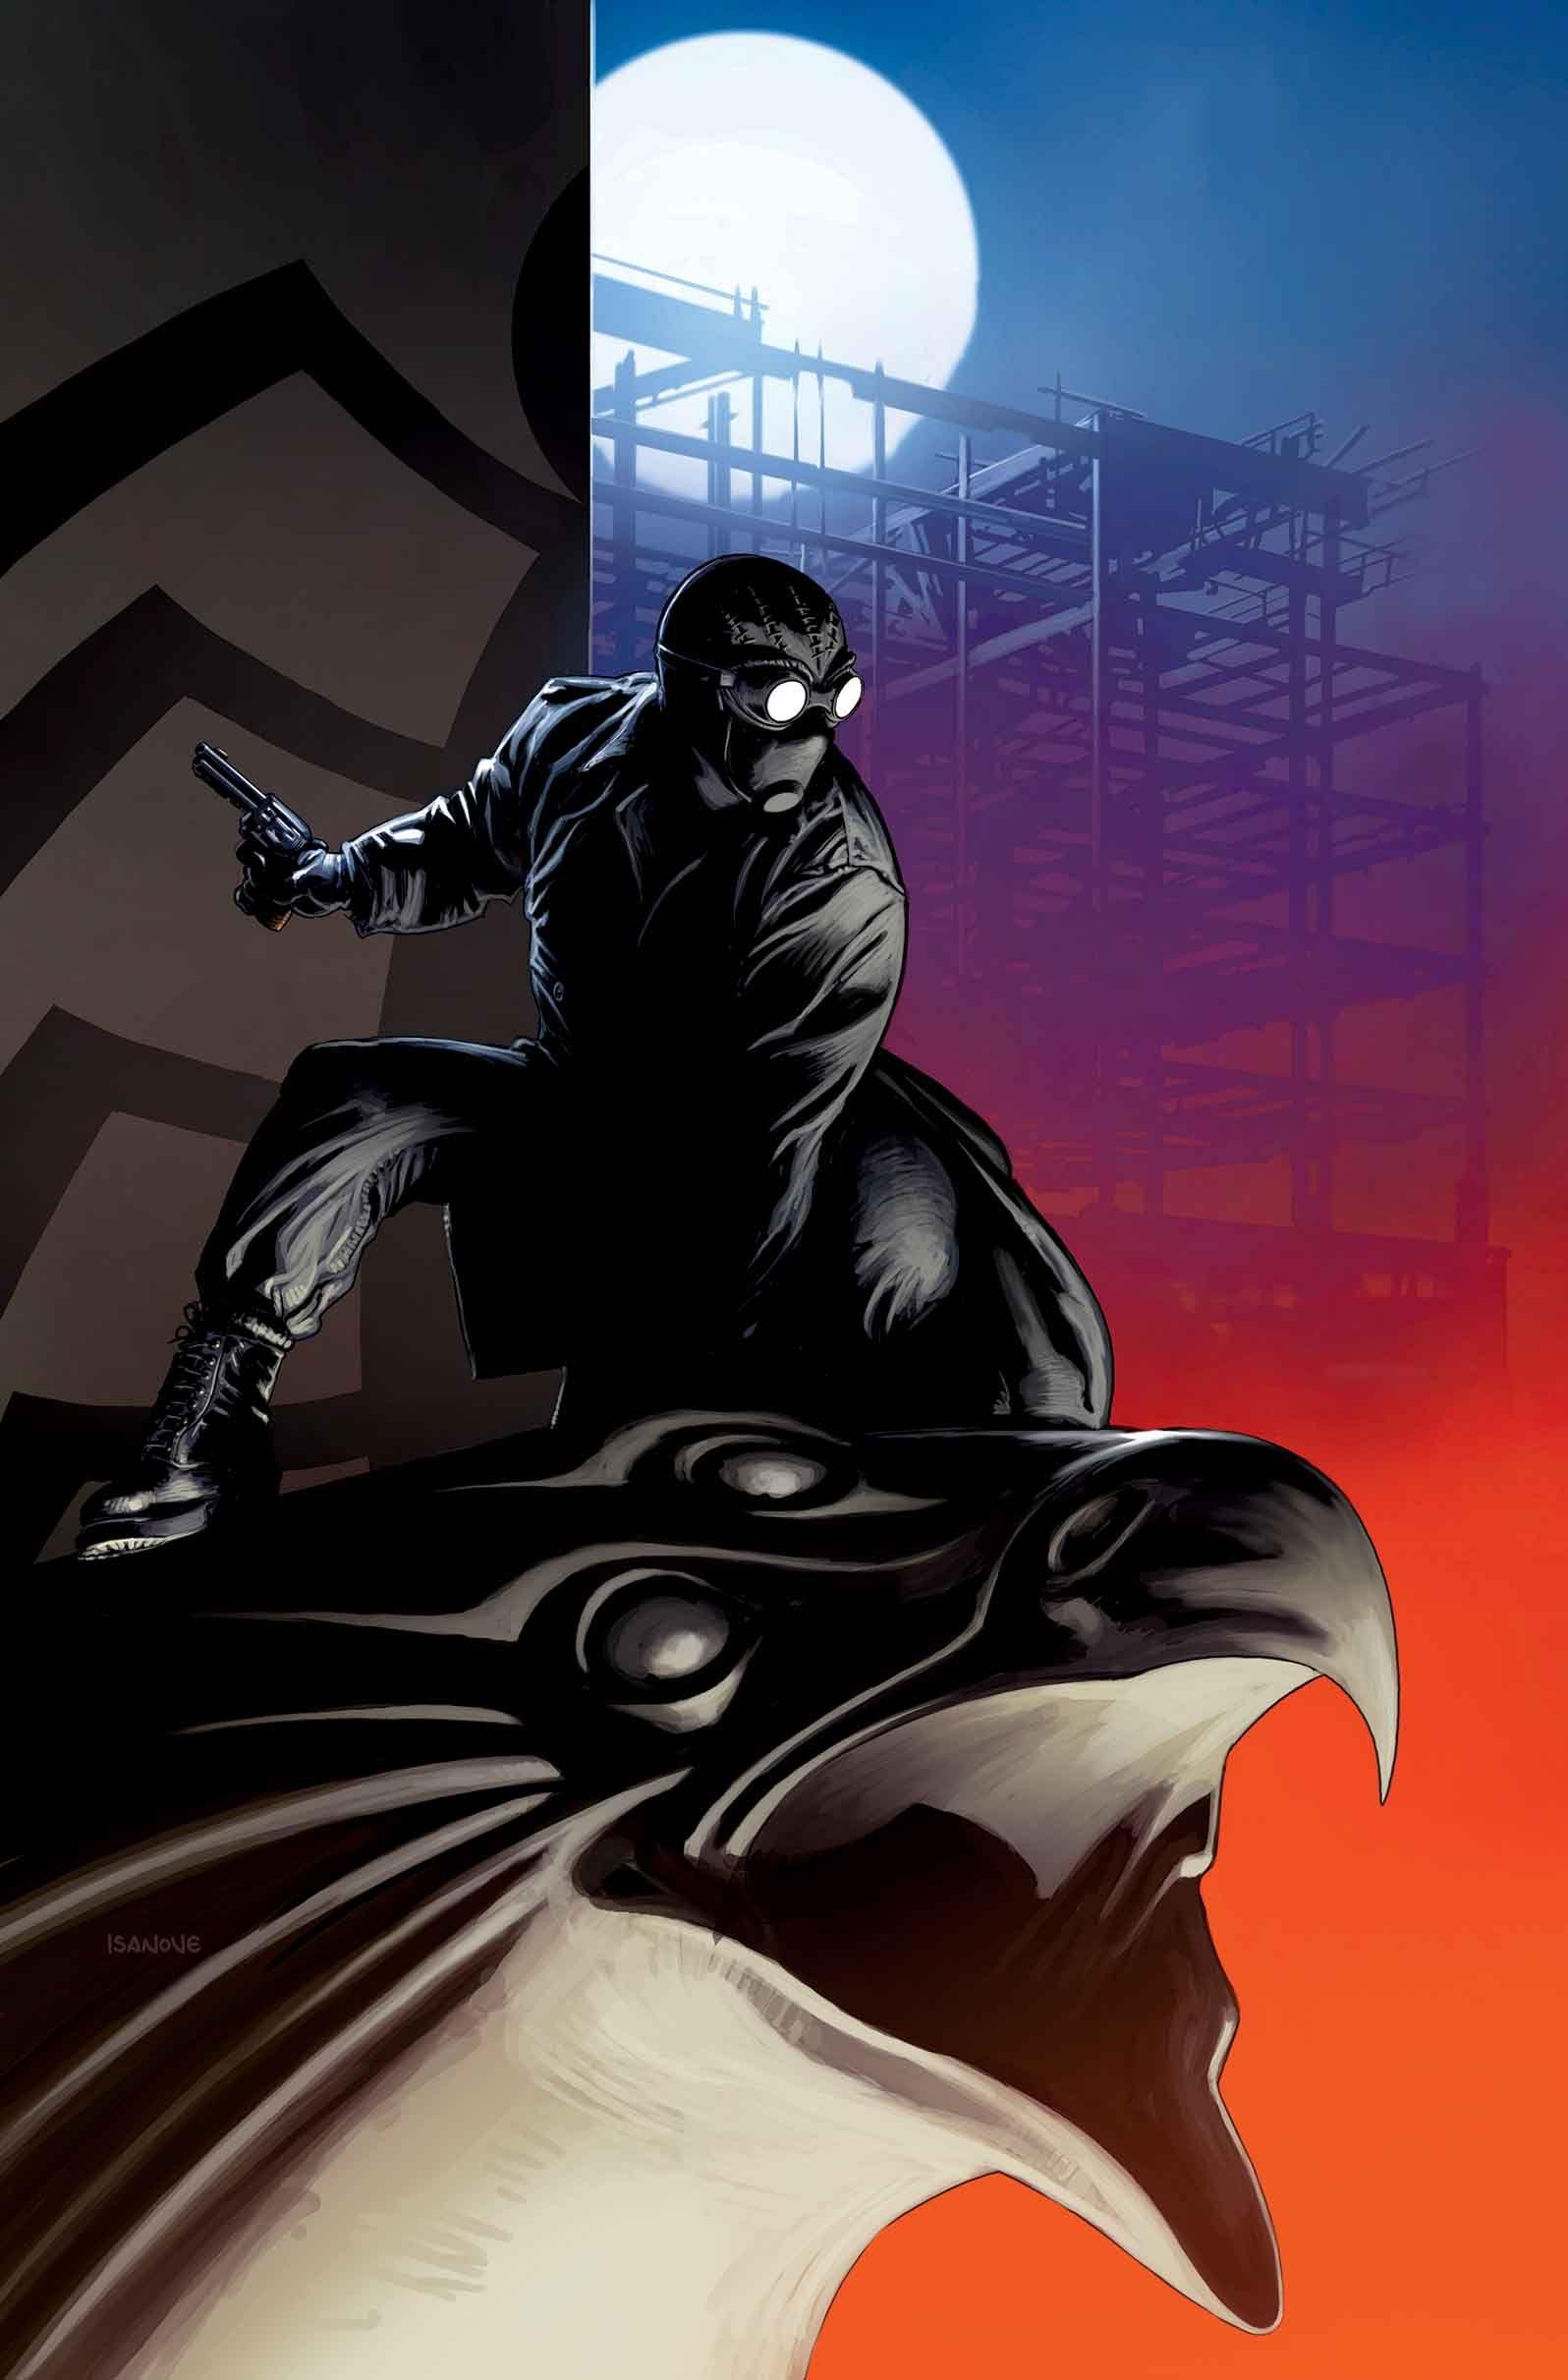 spider-man noir returns in edge of spider-verse #1 first look